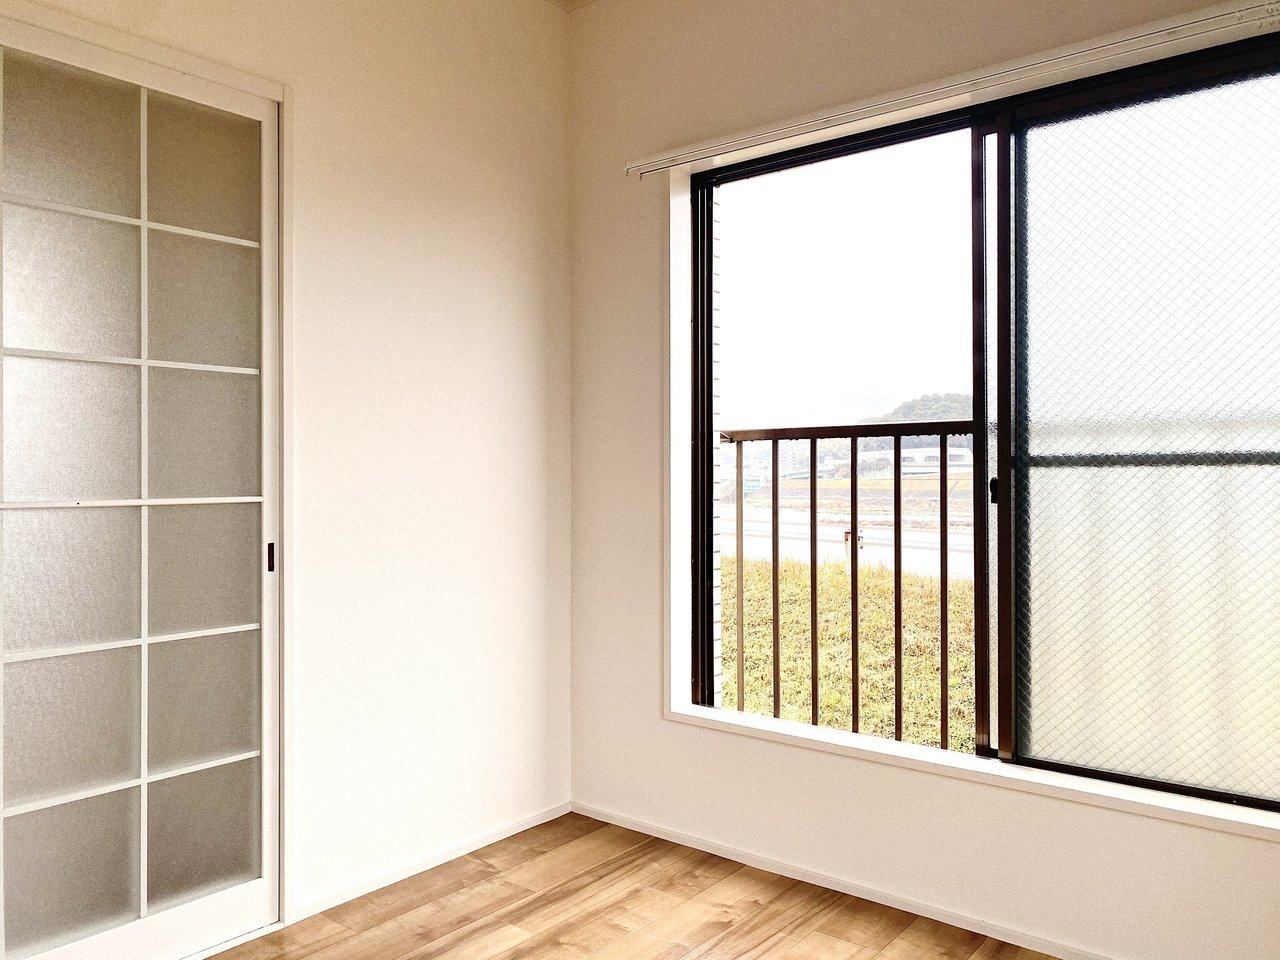 低い位置にある窓の雰囲気も懐かしいです。文机を置いて窓辺で仕事をしたいですね。